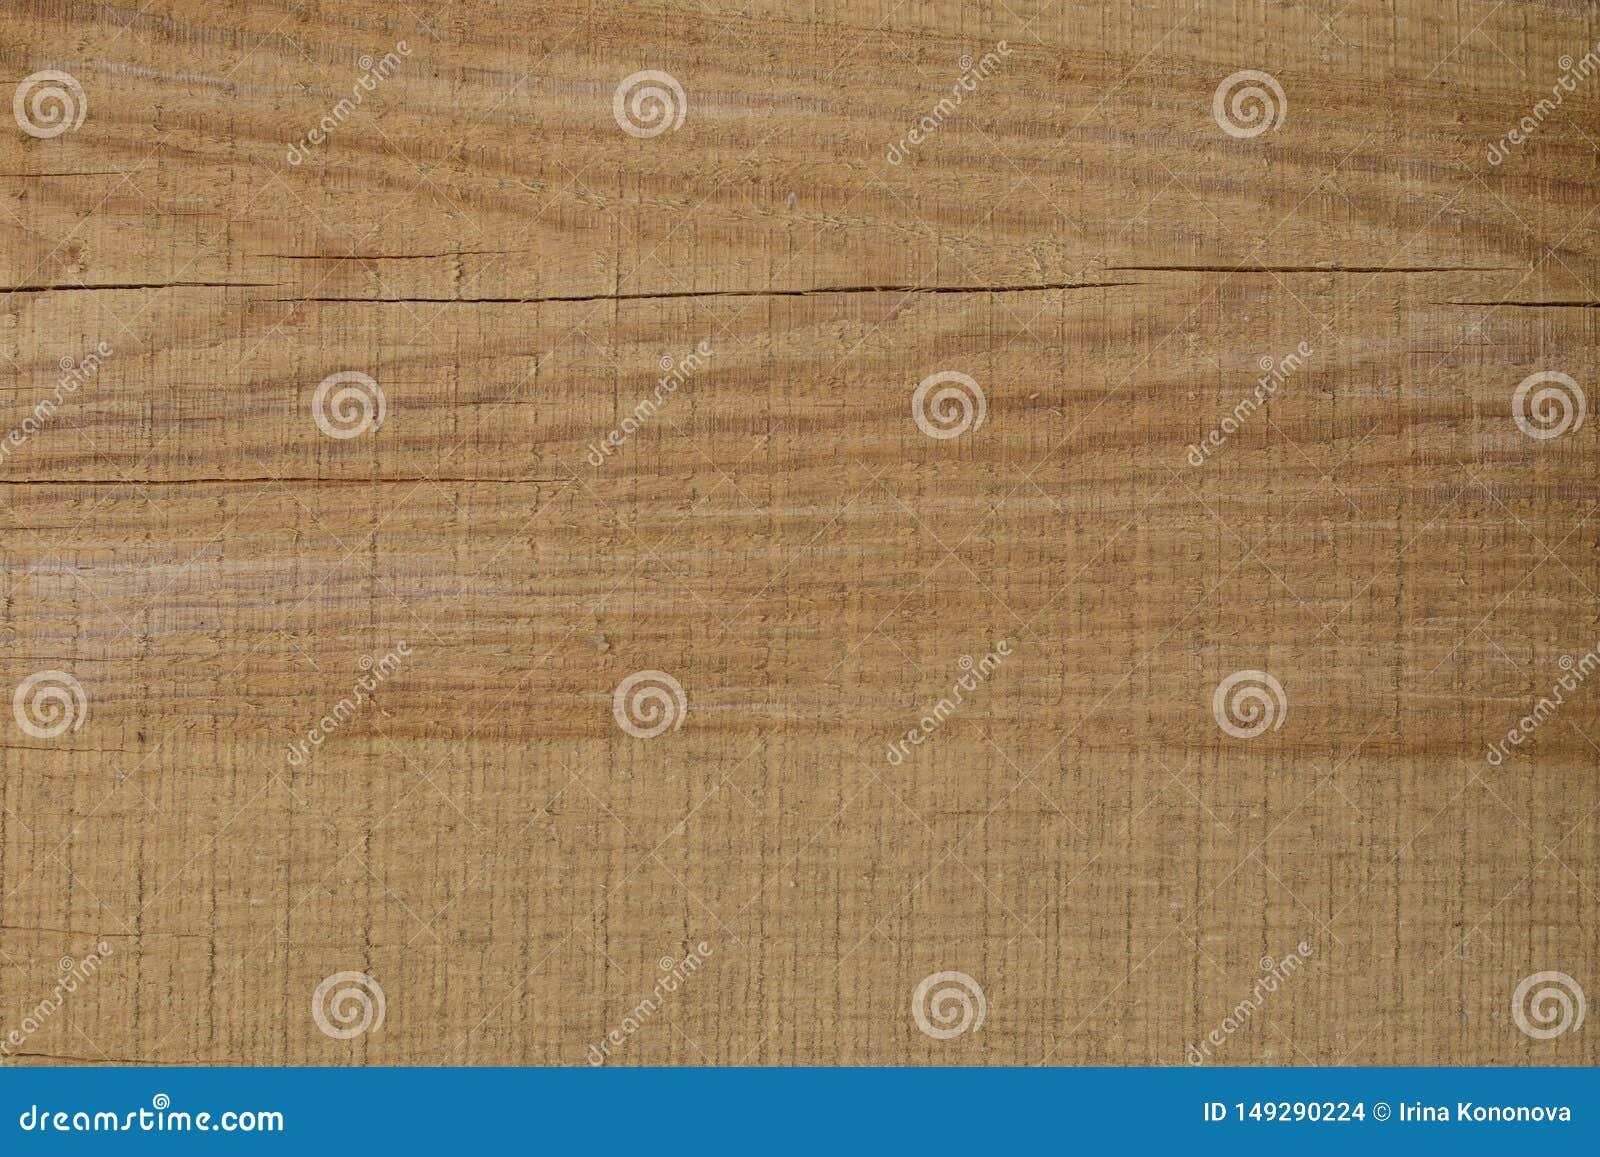 Achtergrond van vers gesneden bruine houten raad met barsten